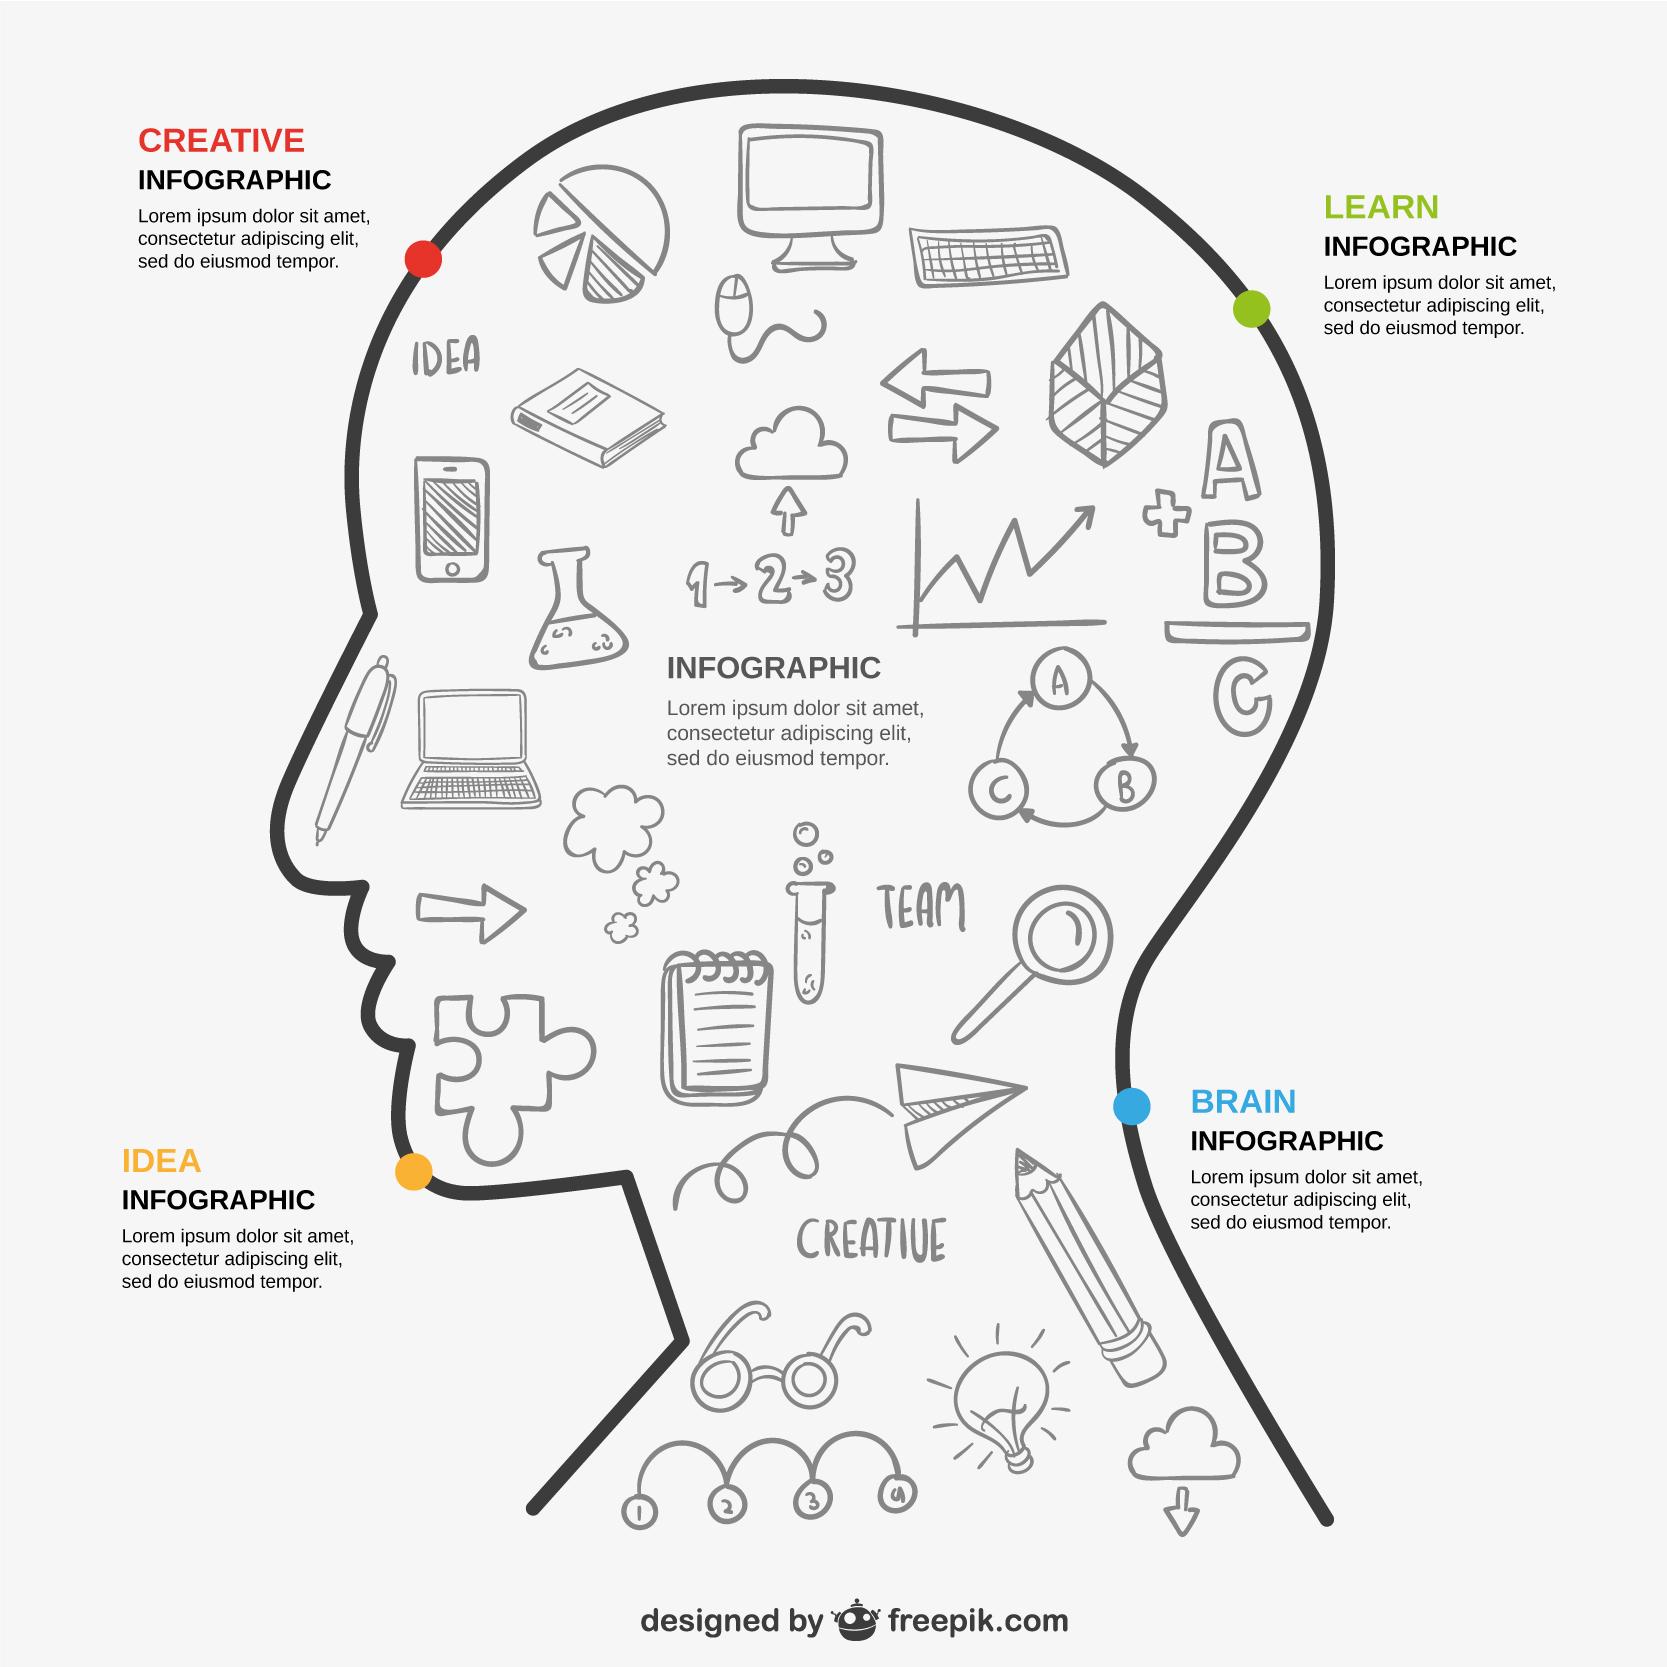 基于Moodle的《师范生创新创业教育》在线课程设计与开发